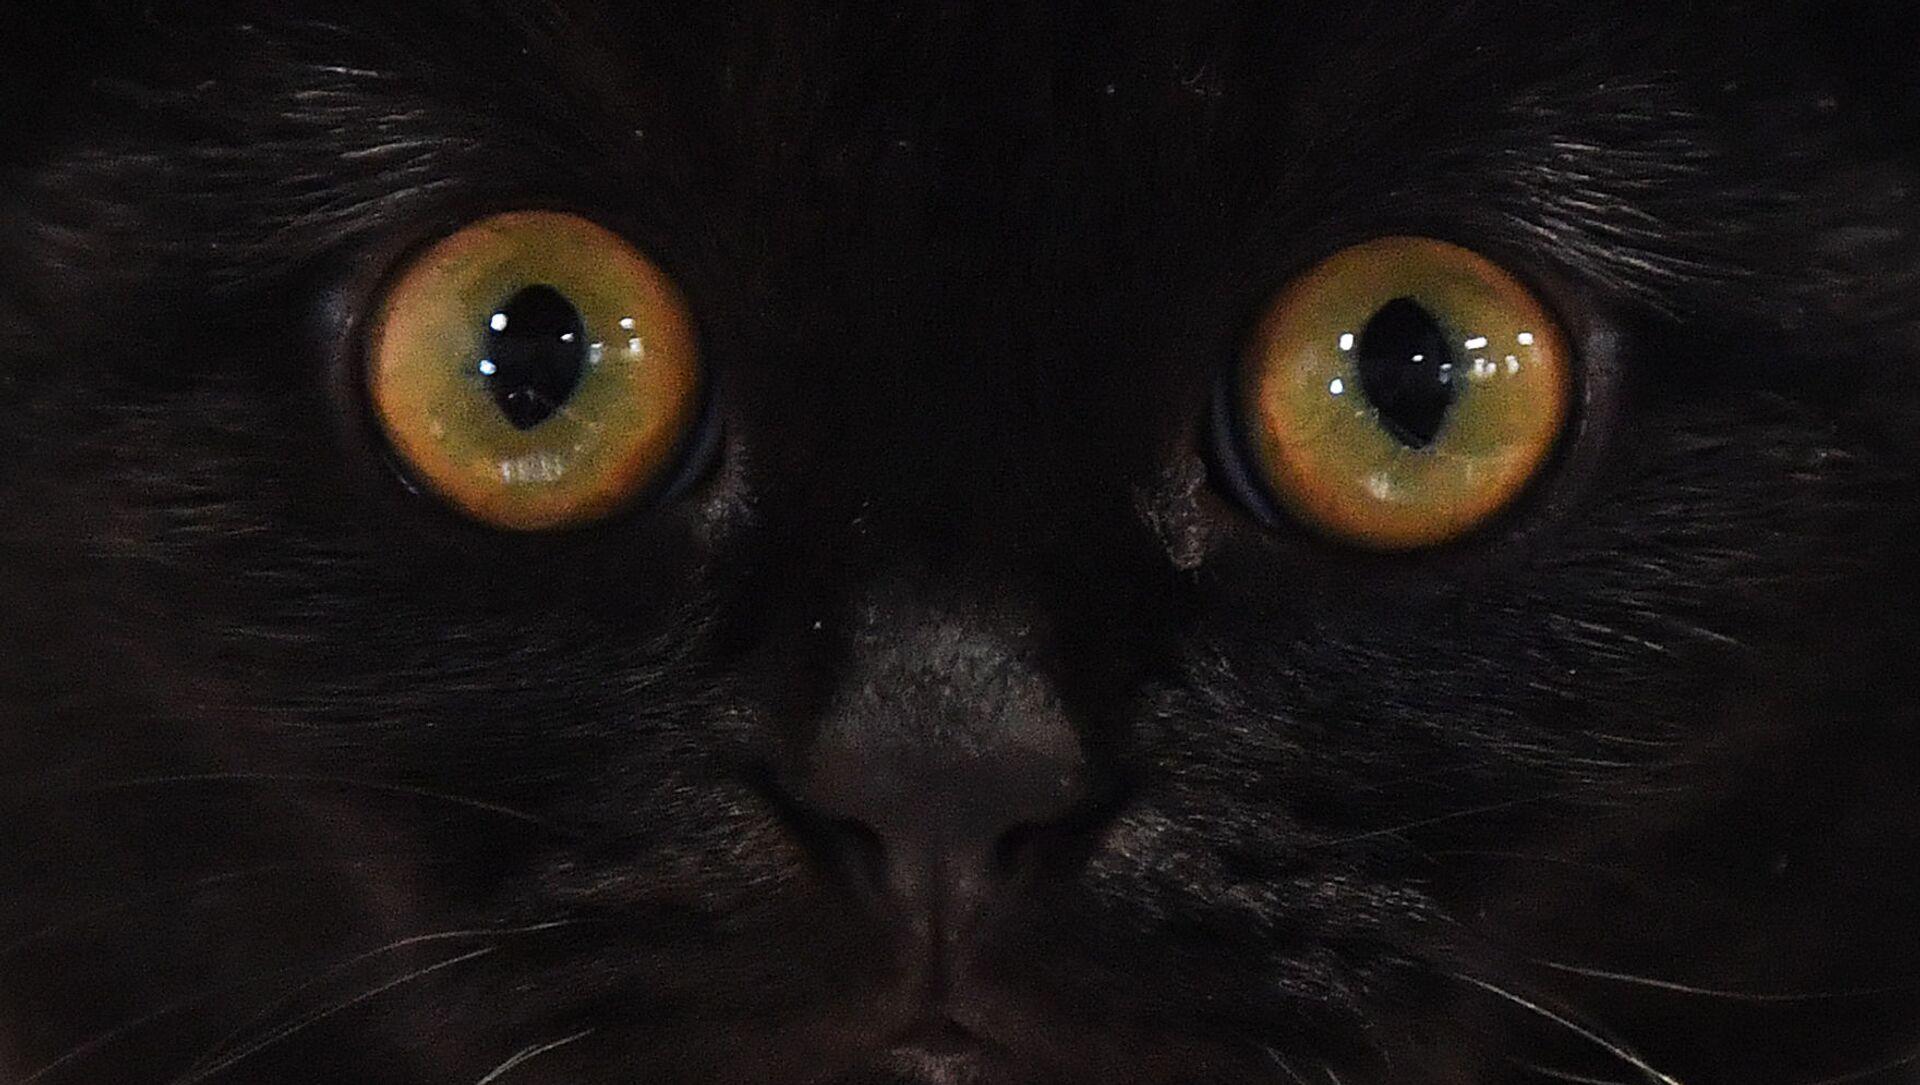 Kot rasy szkocki zwisłouchy na wystawie w Moskwie - Sputnik Polska, 1920, 31.03.2021